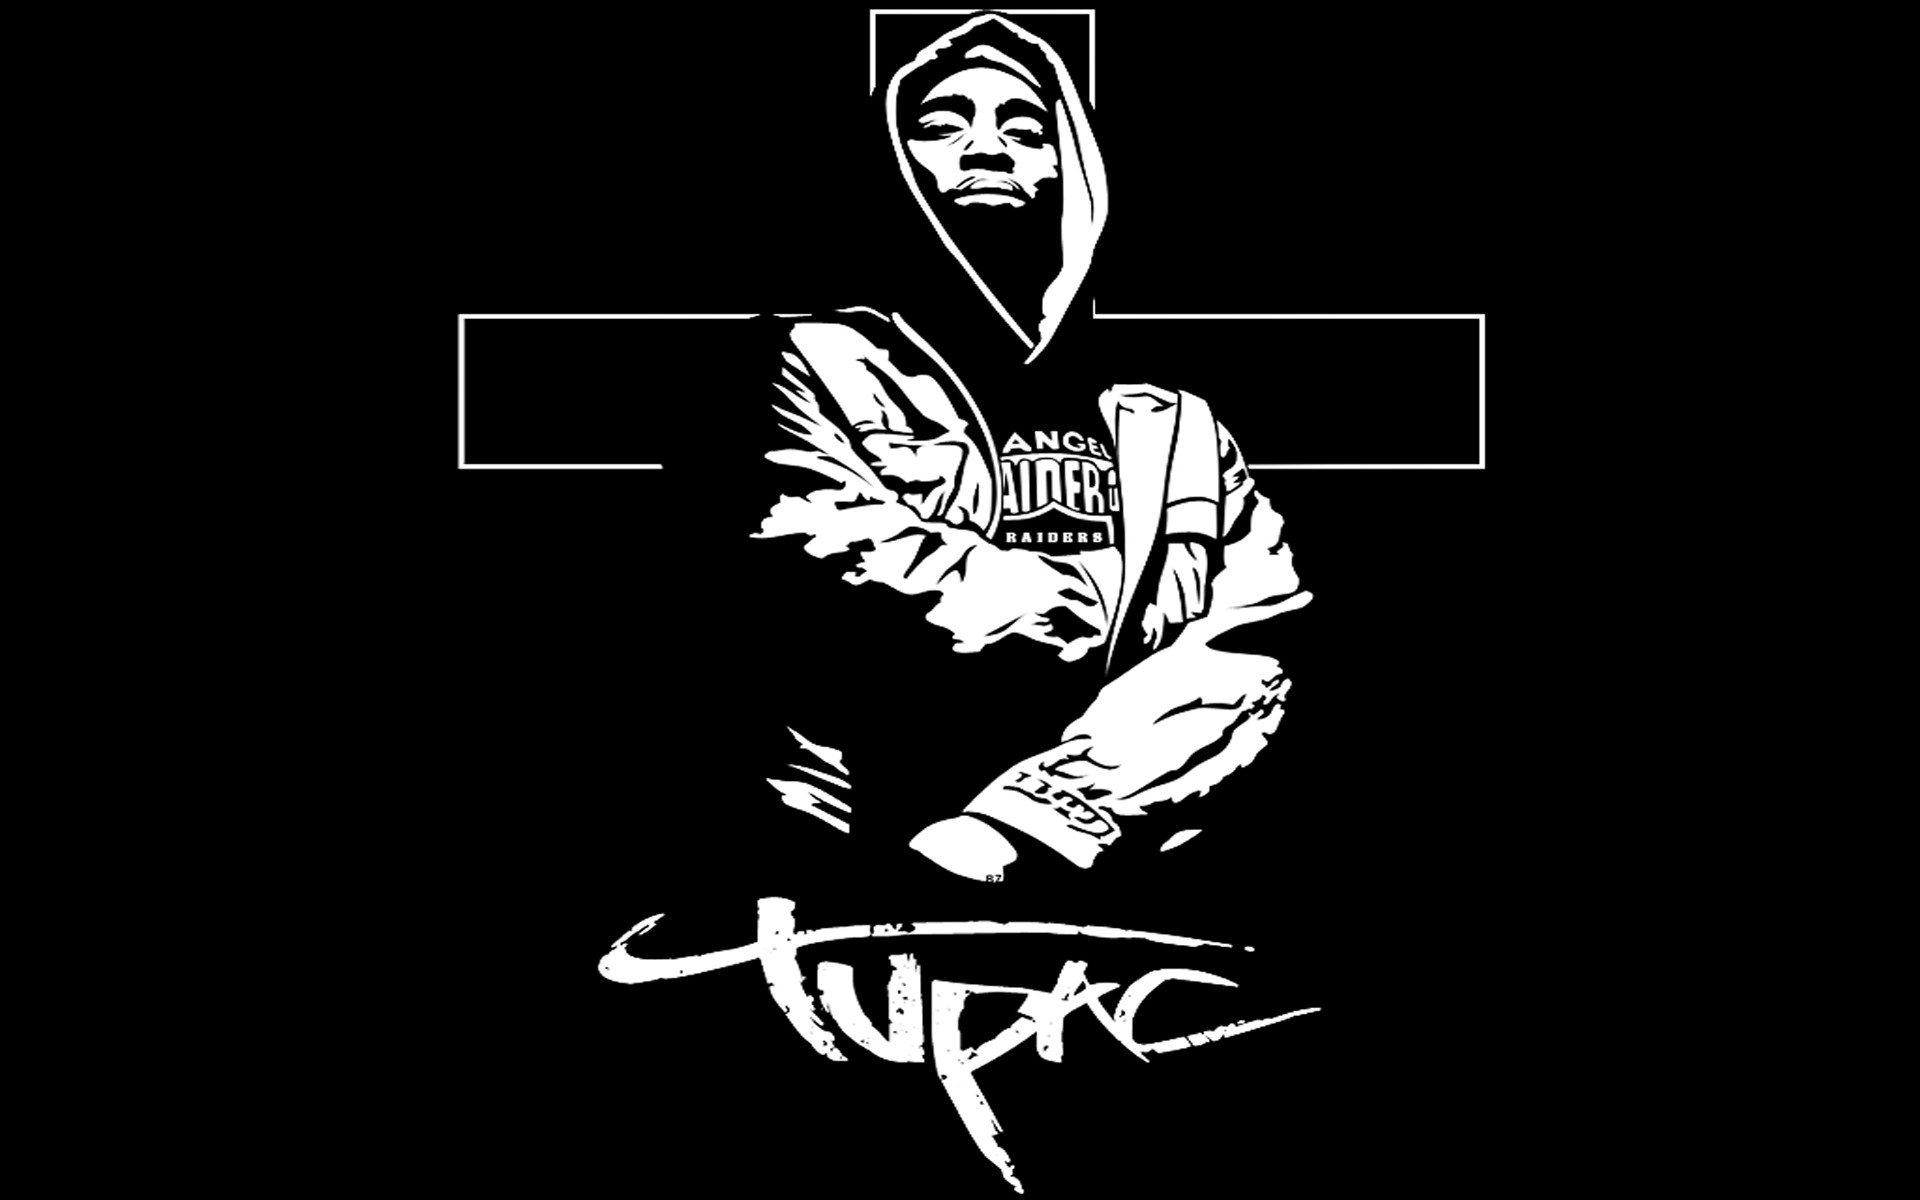 Celebrity Hip Hop 2pac singers Tupac Shakur rapper artist wallpaper | 1920x1200 | 301430 | WallpaperUP